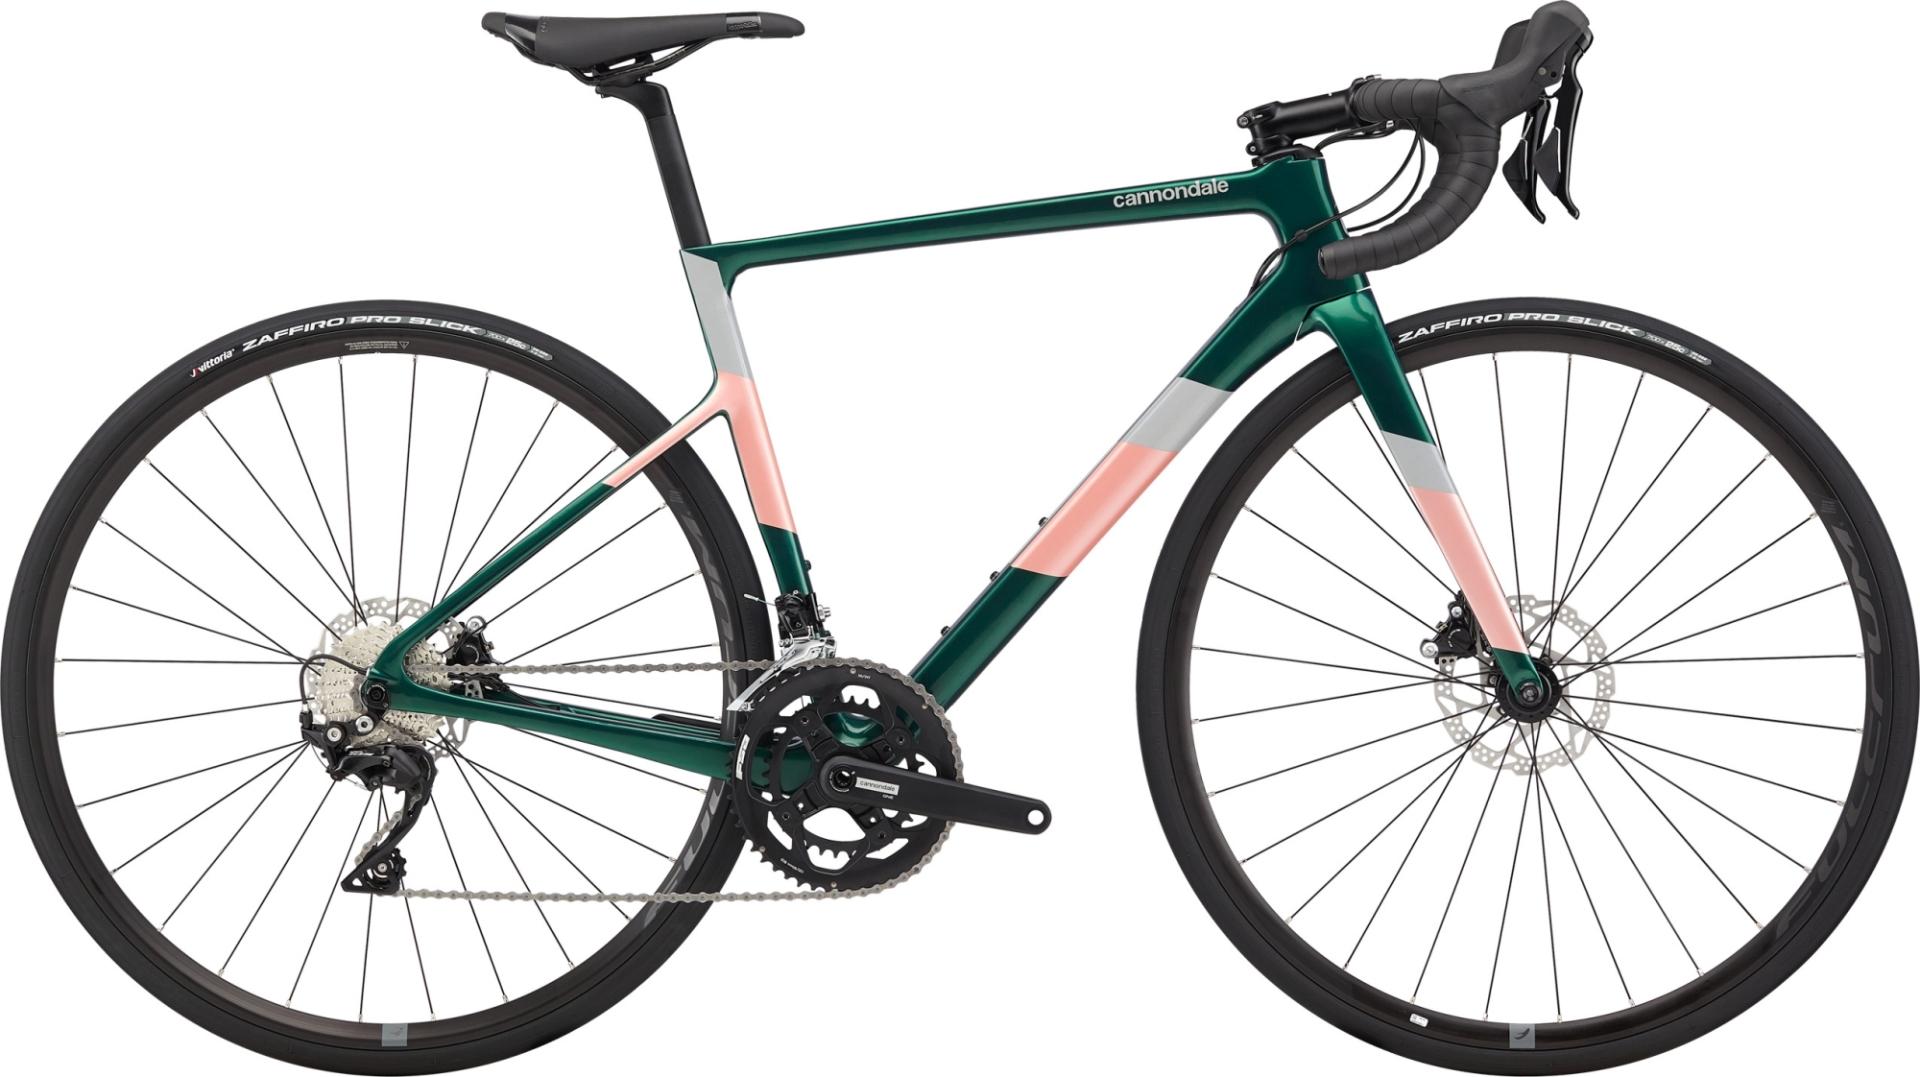 Cannondale Super Six Evo Carbon Disc 105 női országúti kerékpár - zöld - 48 cm (2020)